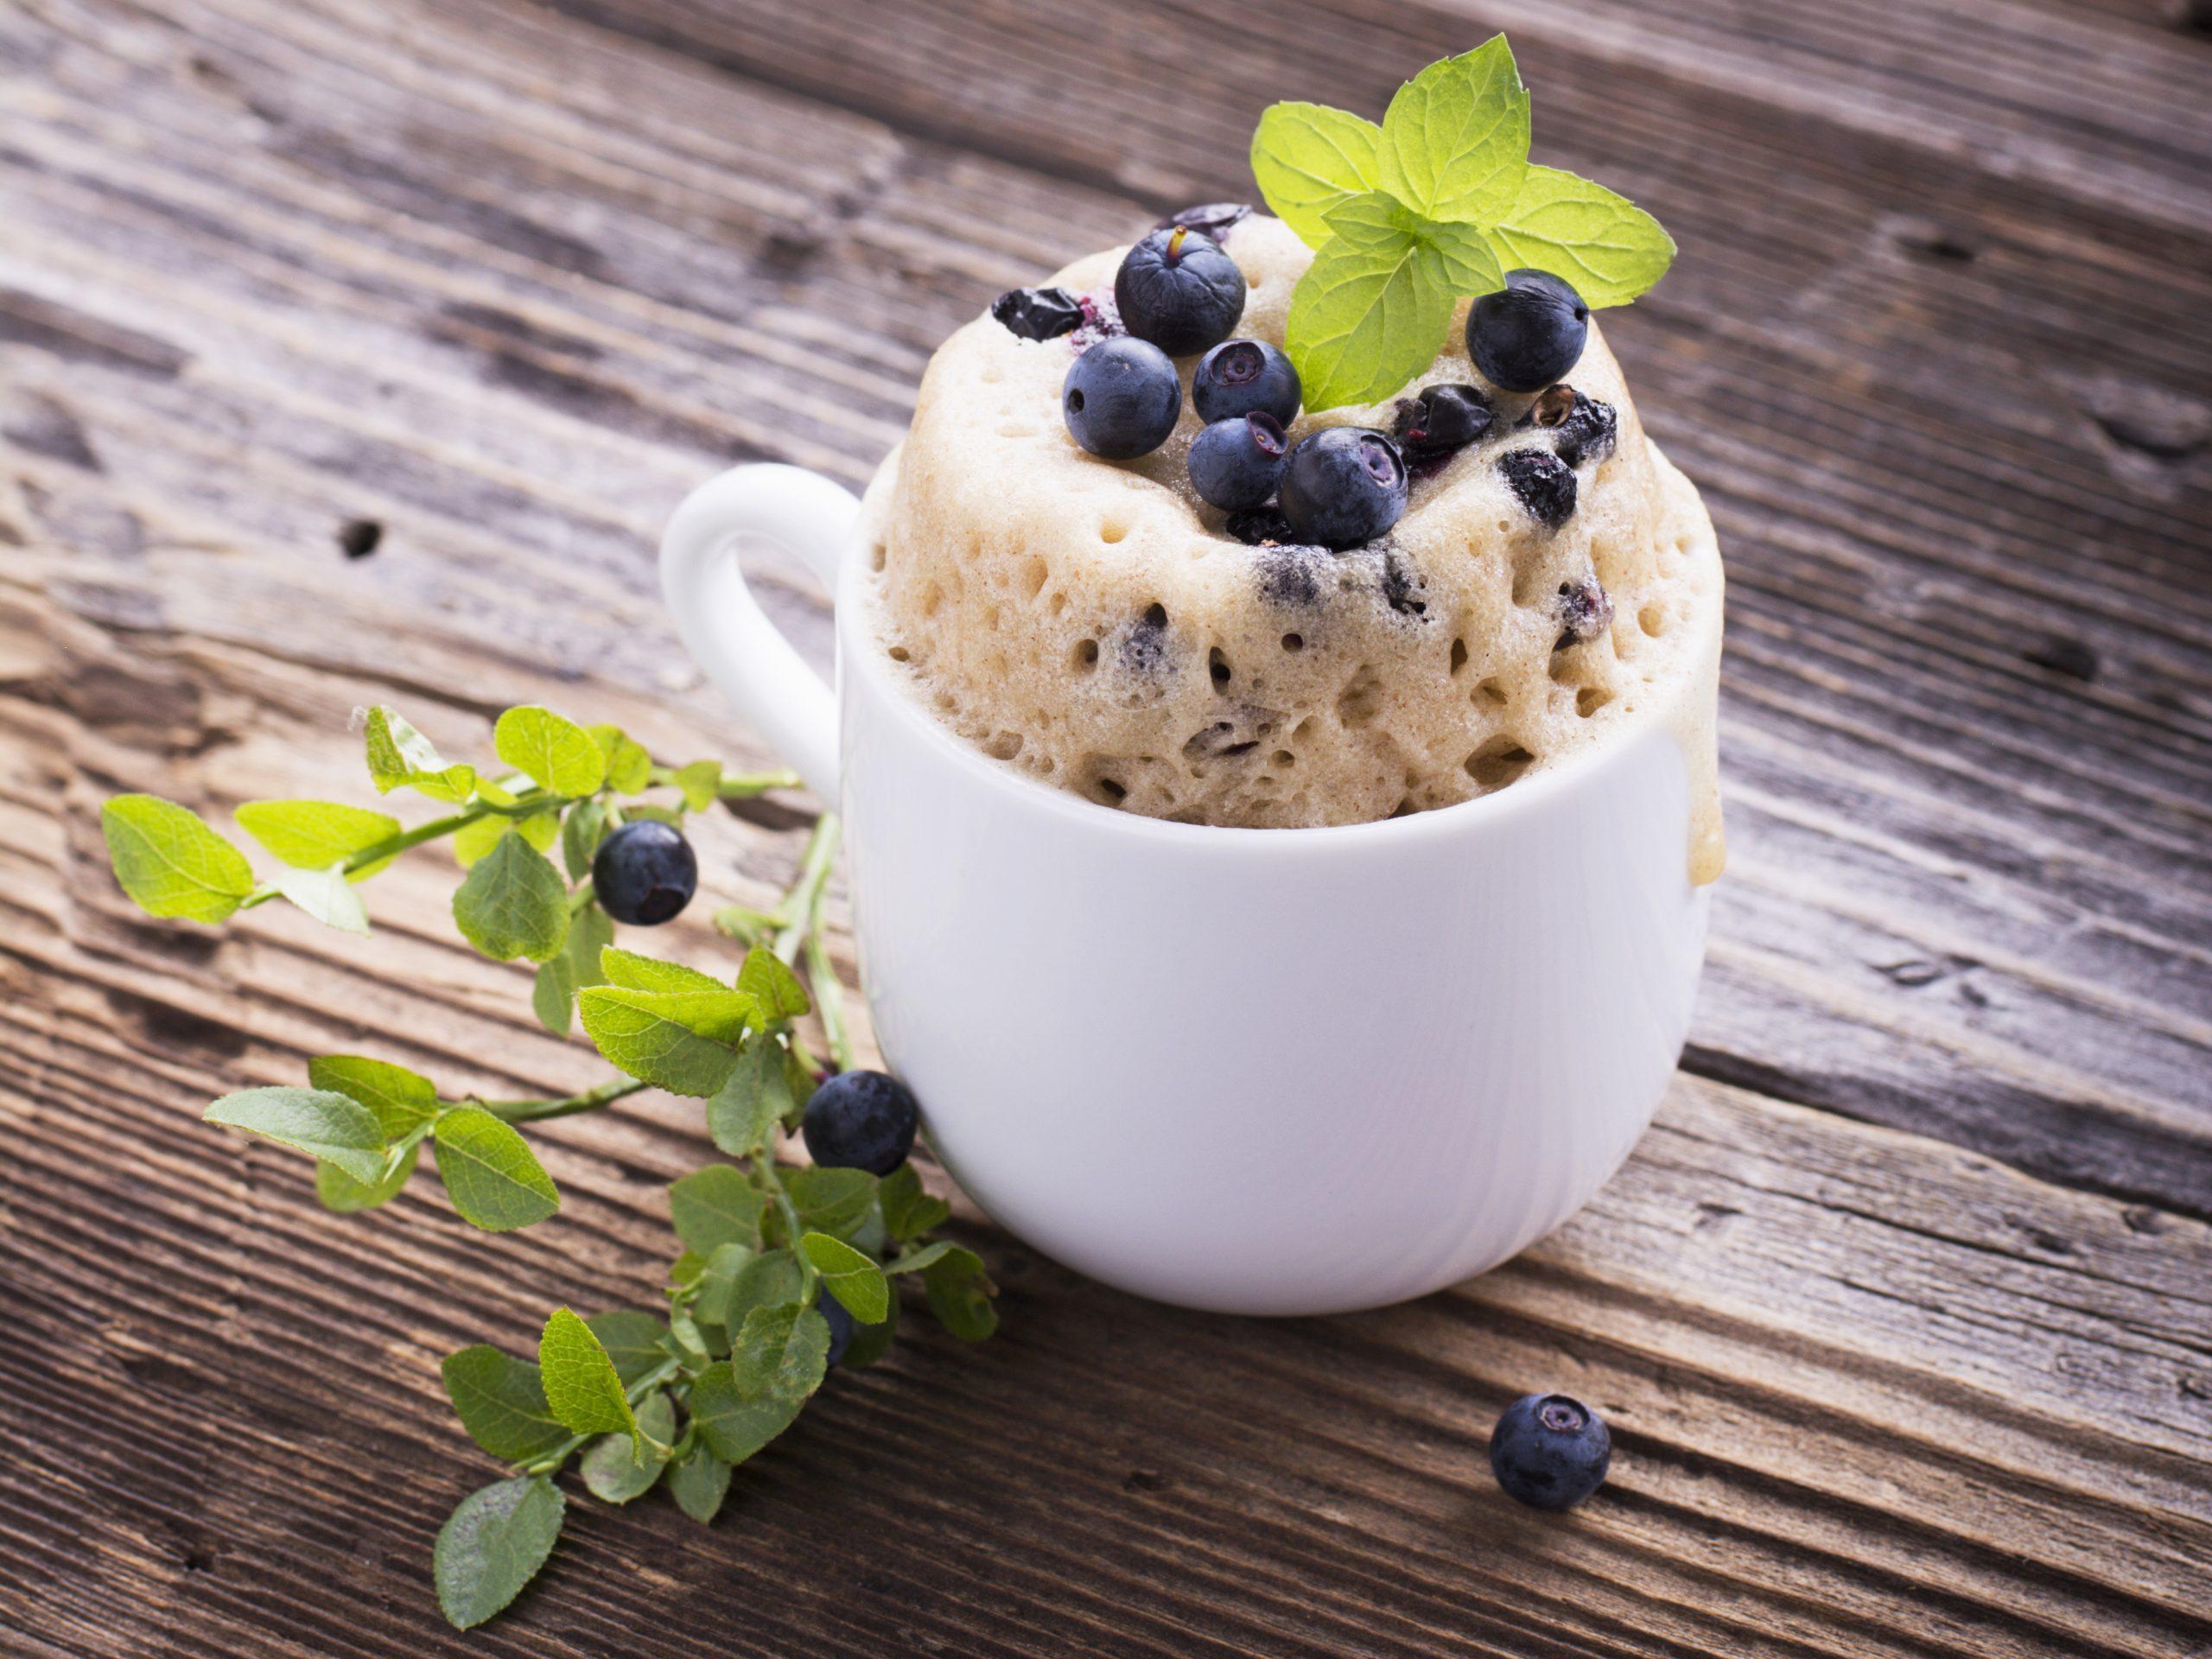 Kuchen Rezept Tassenkuchen Mit Vanille Und Heidelbeeren Invikoo